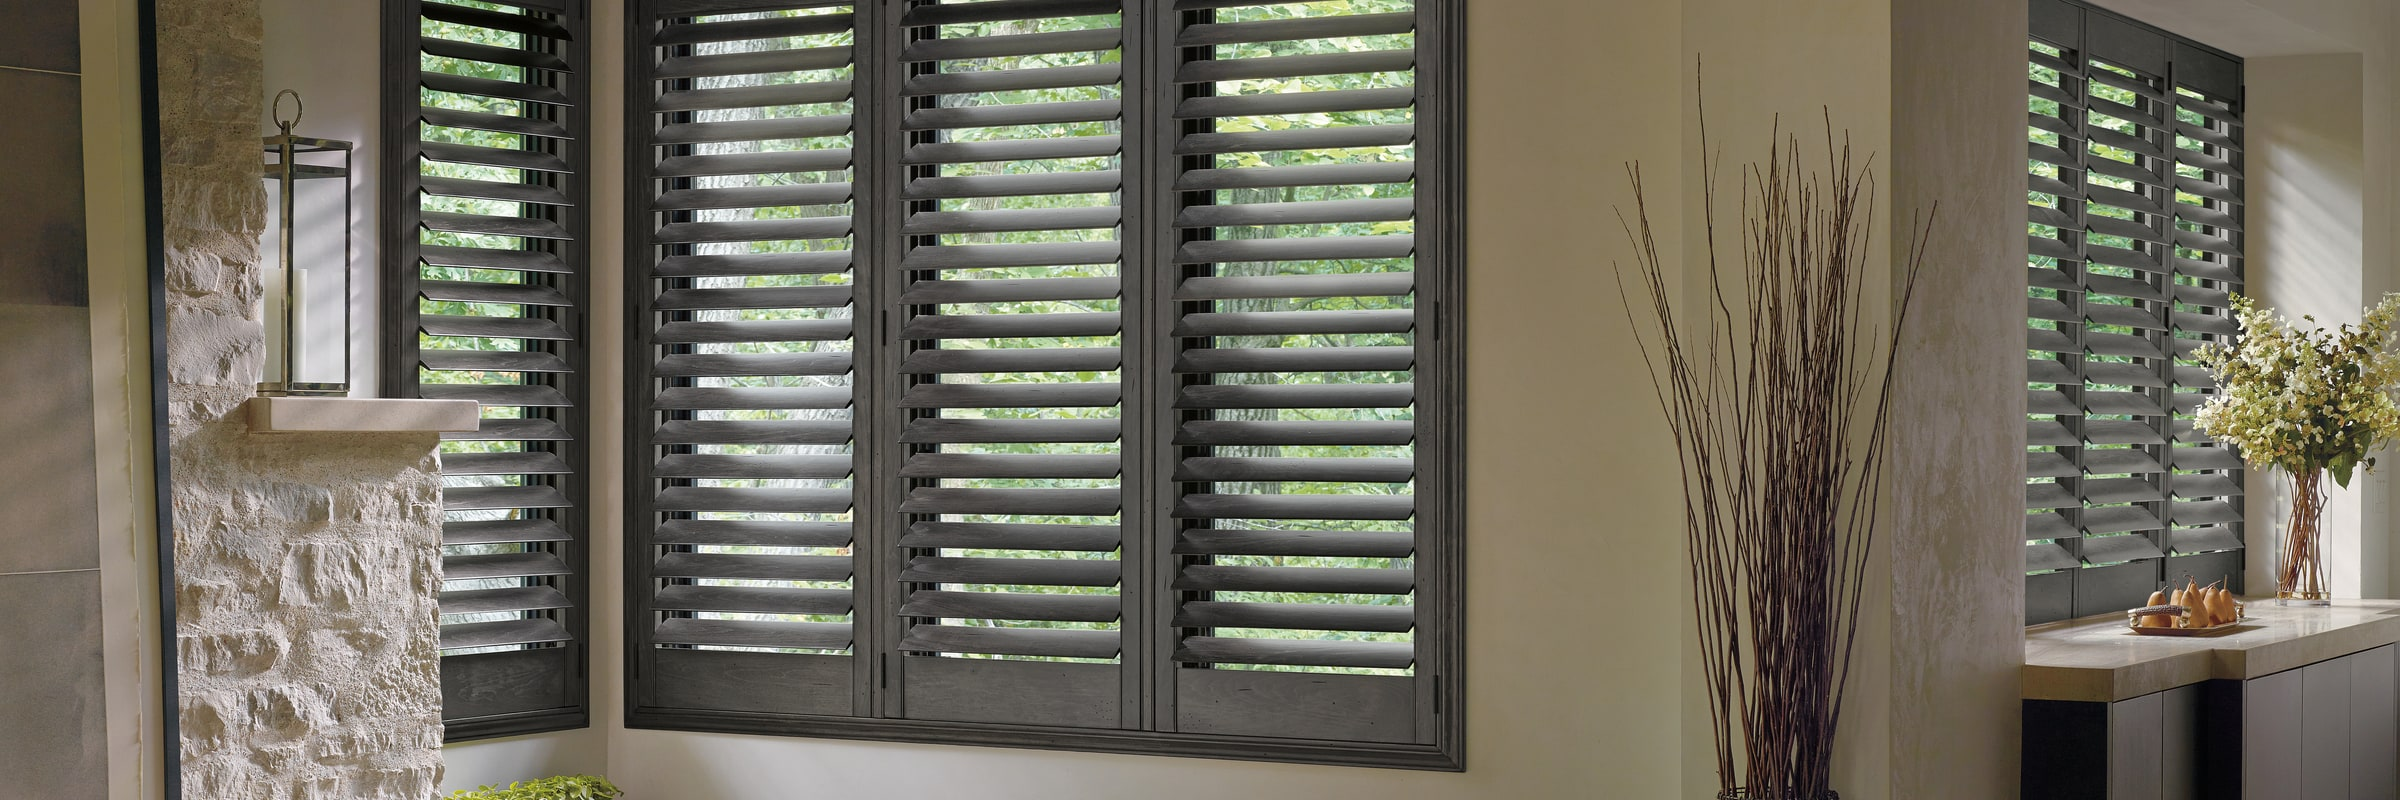 wooden-shutters-heritance-carousel-03.jpg